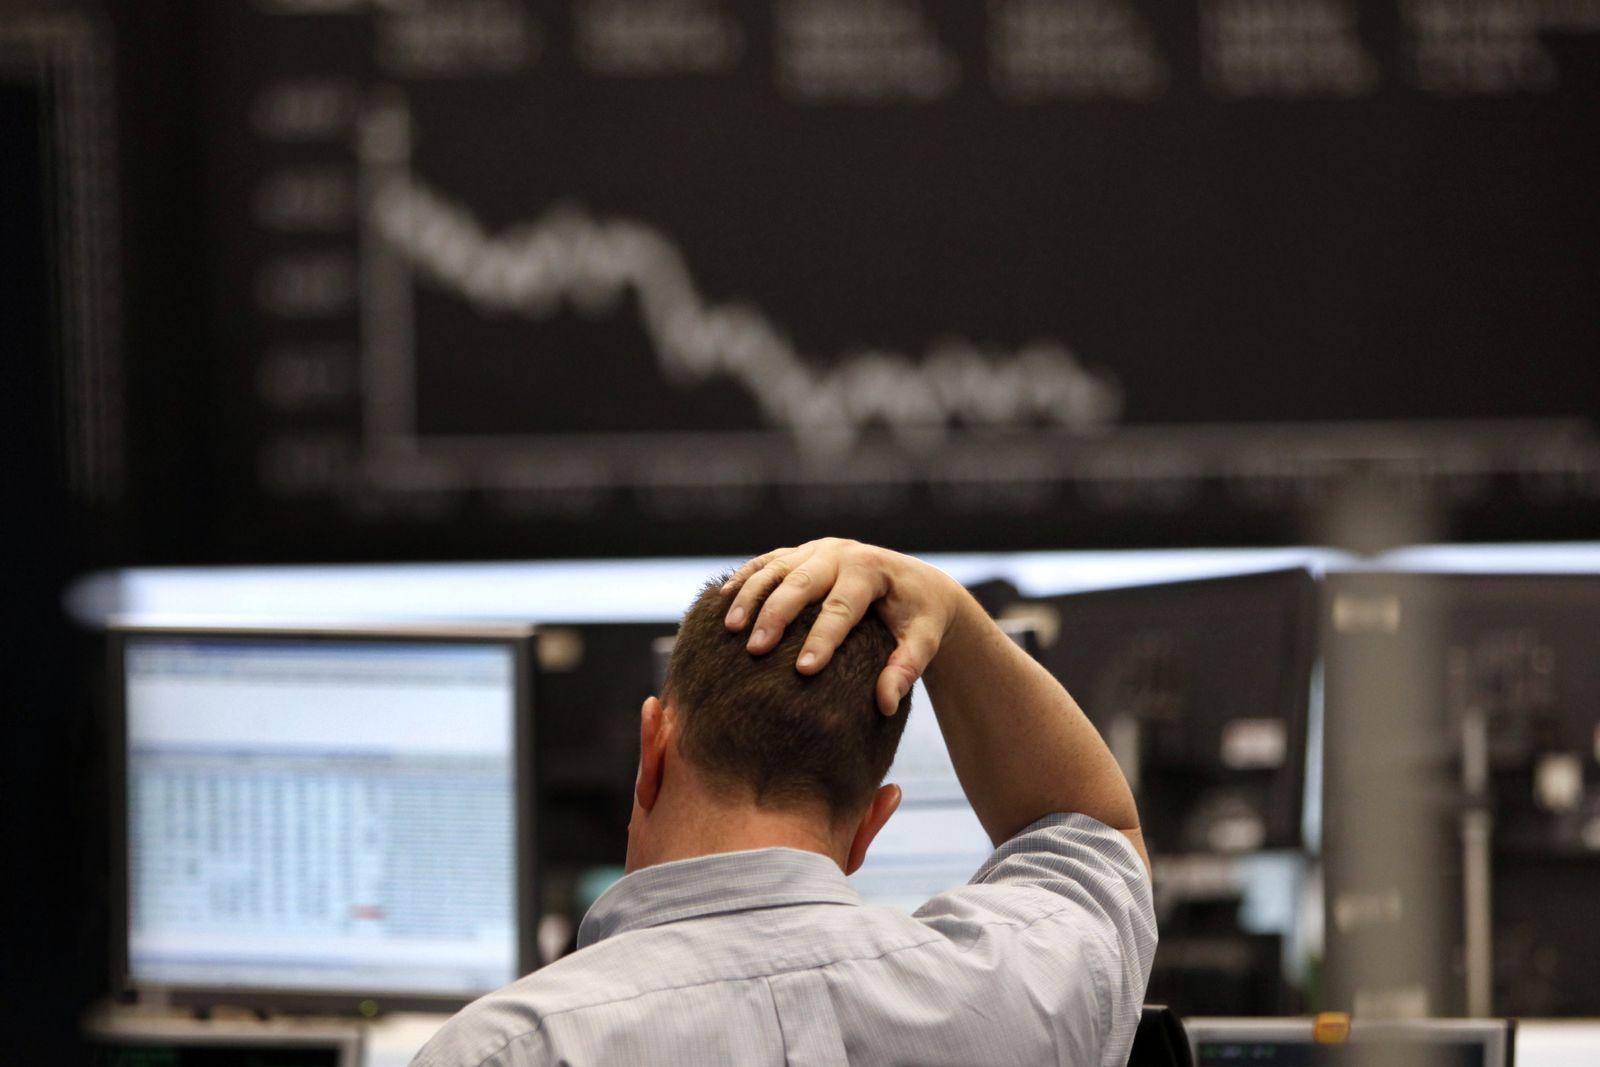 NICHT VERWENDEN Aktienmarkt weitet Verluste aus